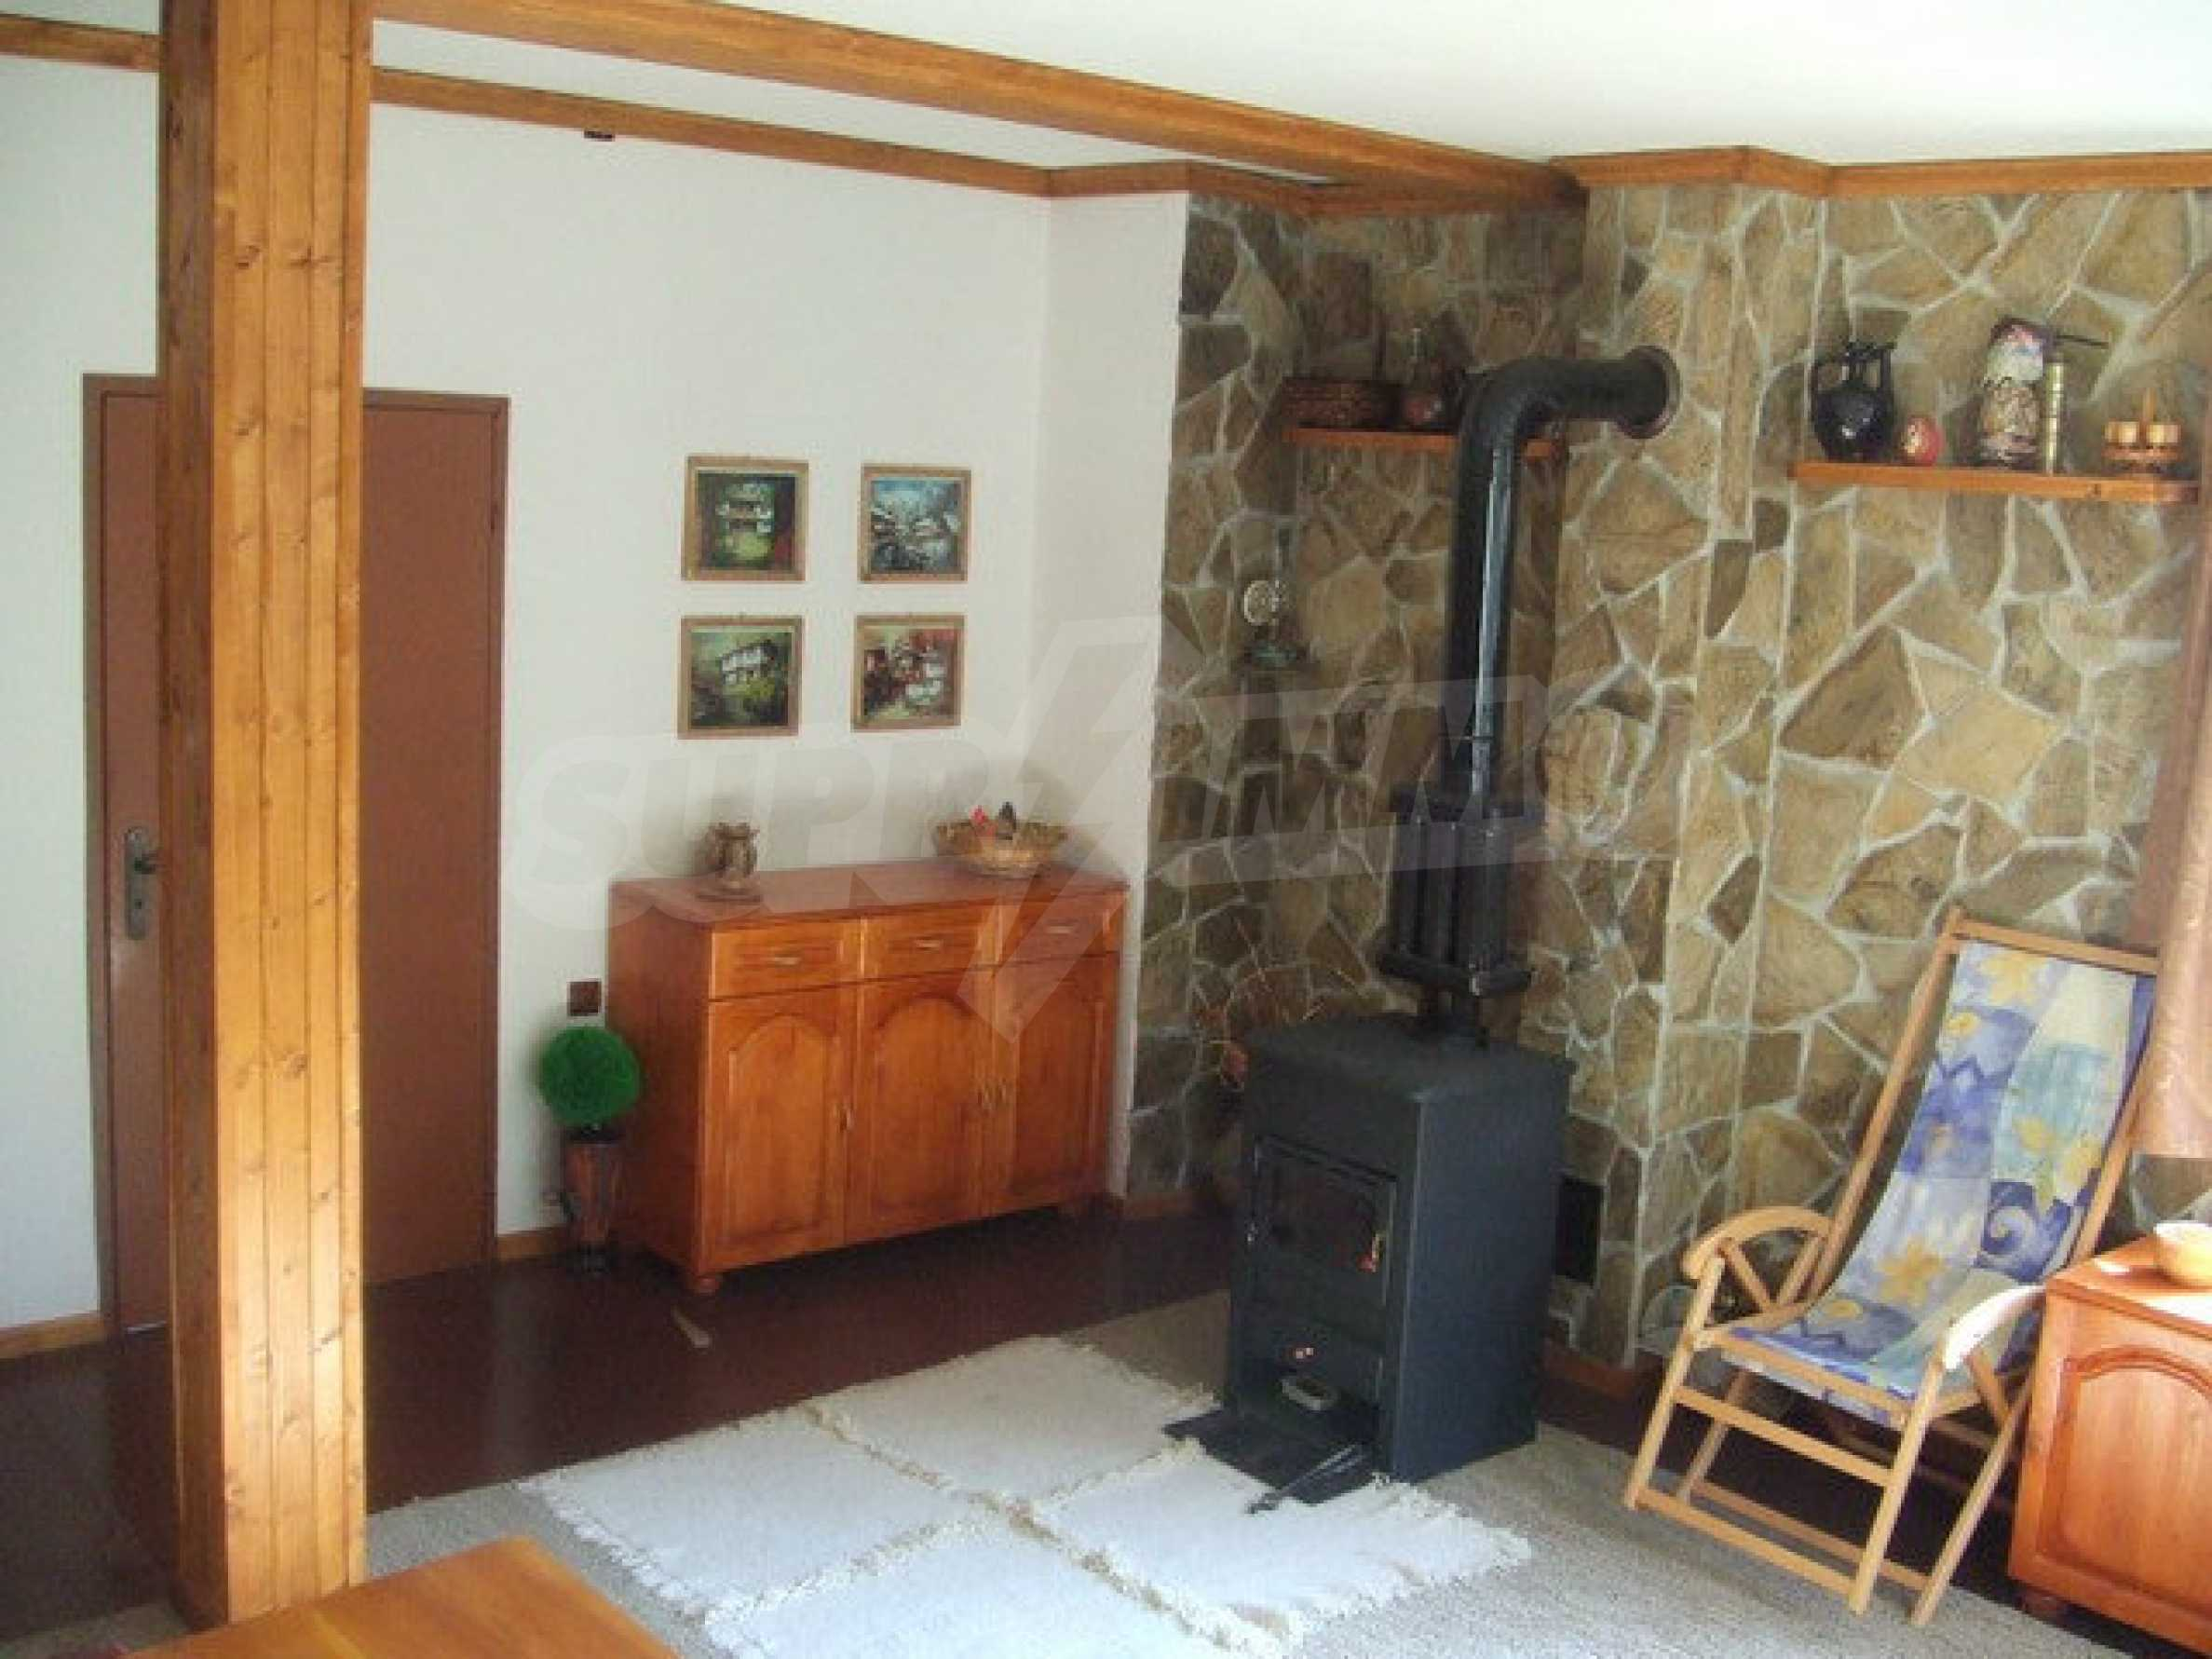 Voll möblierte und ausgestattete Etage eines Hauses mit Garten in einem Dorf 8 km. aus Trjawna 6